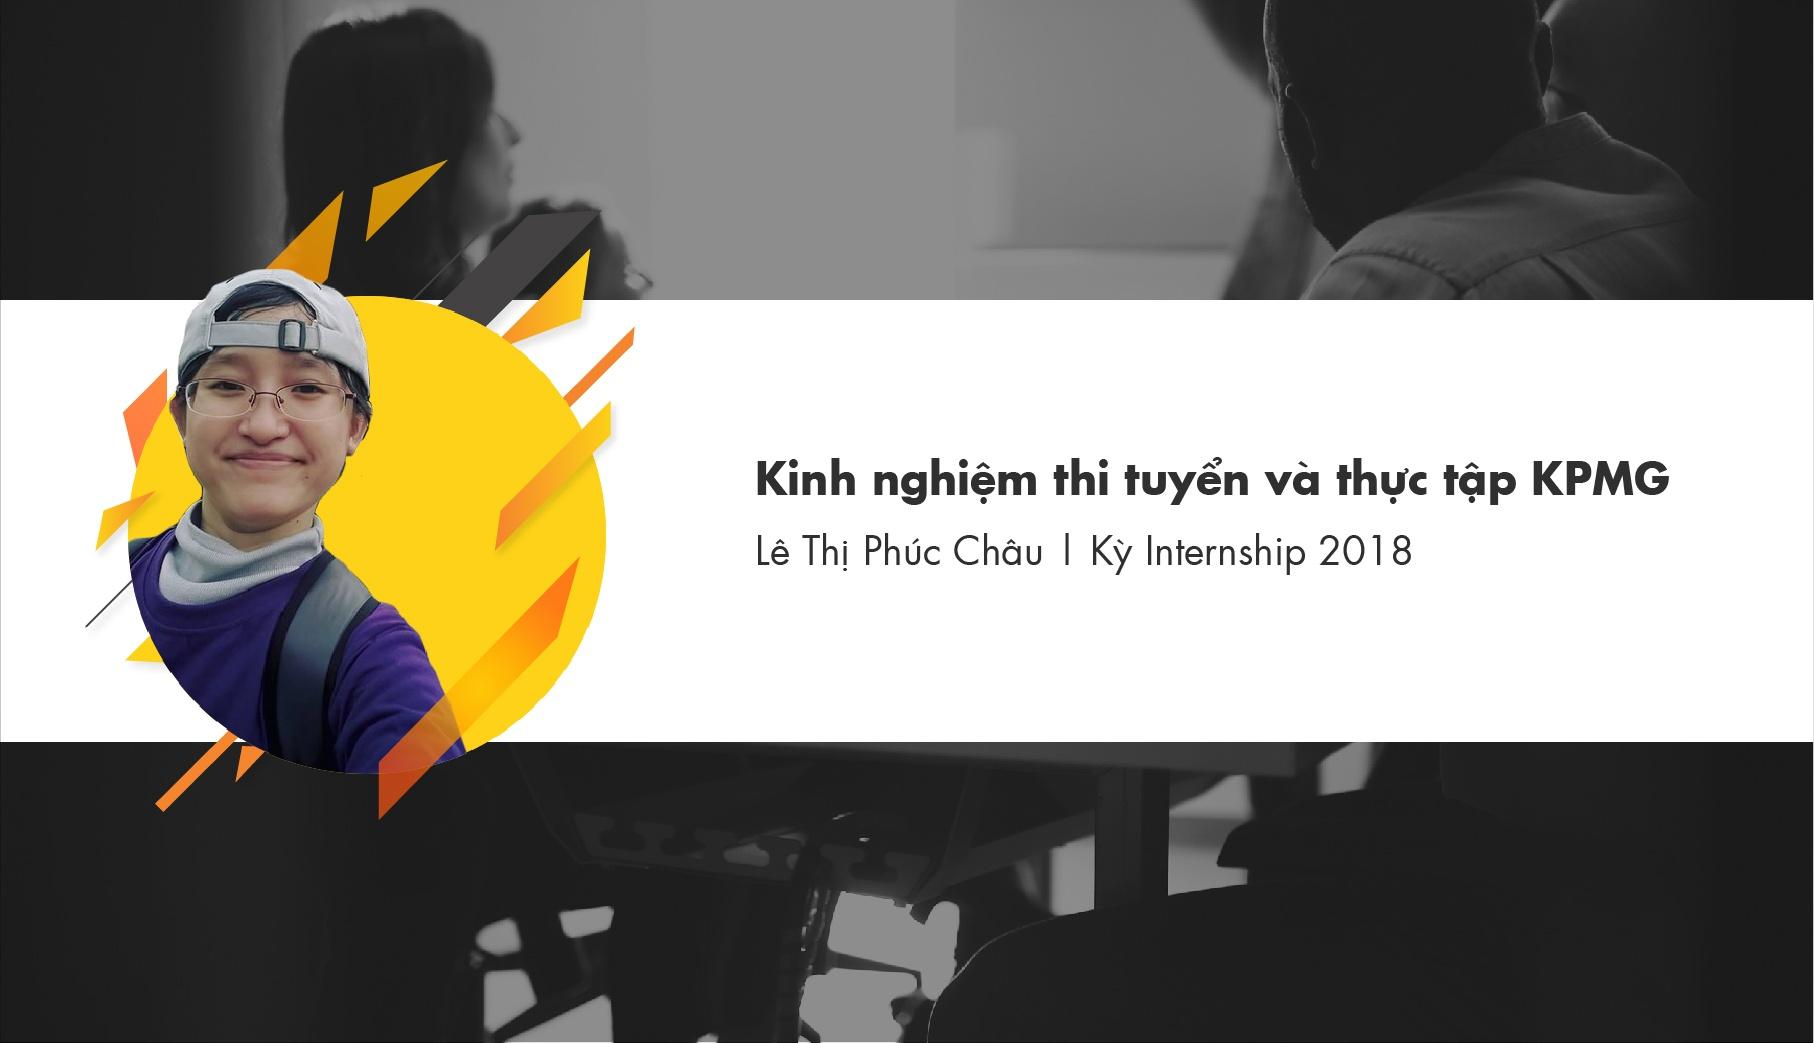 Kinh nghiệm thi tuyển & thực tập KPMG - Lê Thị Phúc Châu